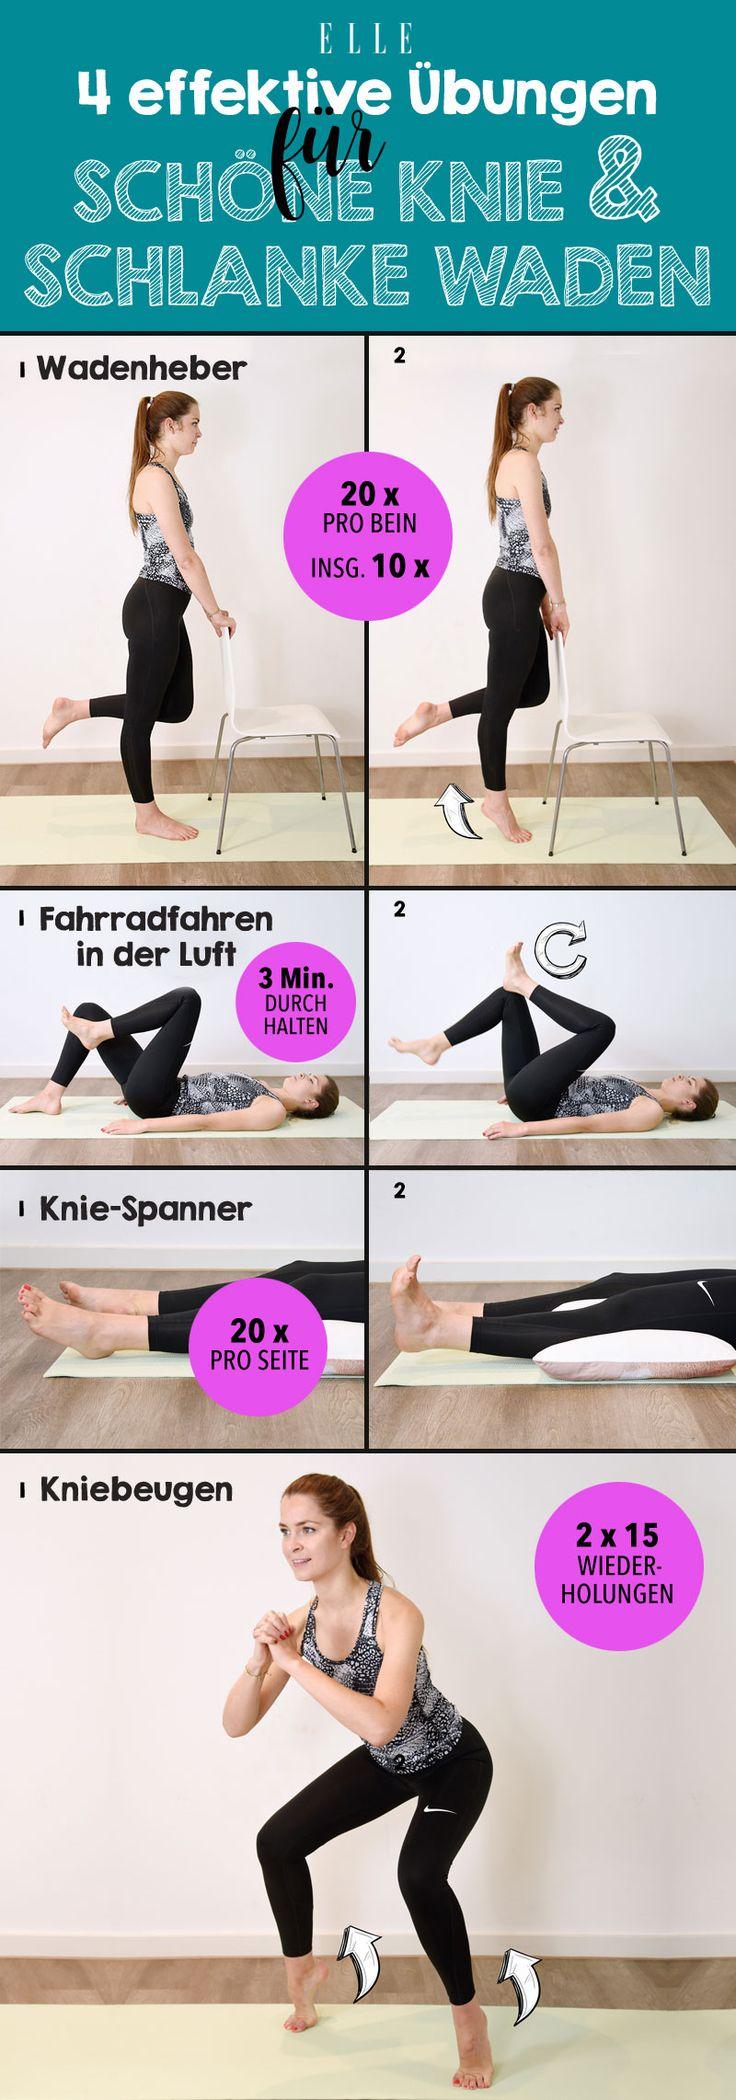 Diese Übungen sorgen für schöne Knie und schlanke Waden